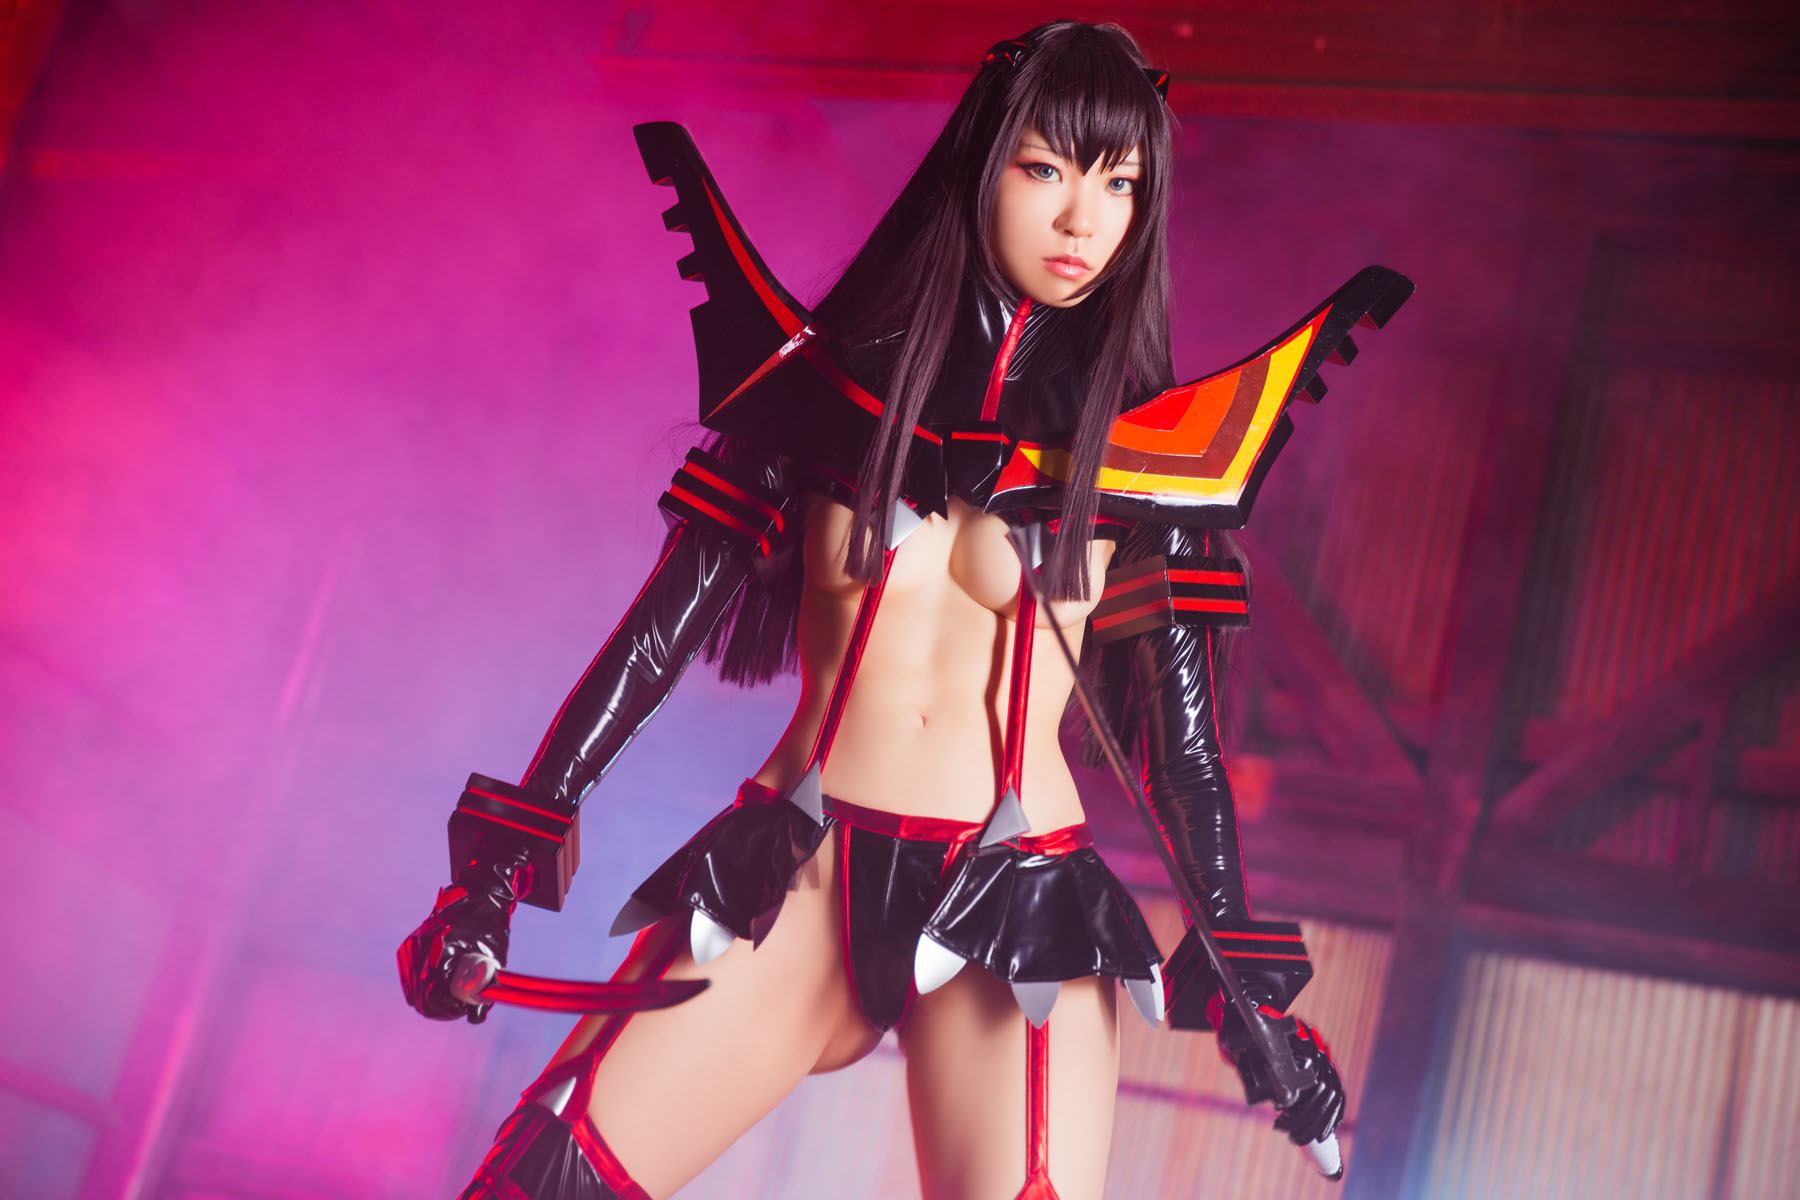 Kill la Kill Satsuki Kiryuuin anime cosplay by Mikehouse 0040